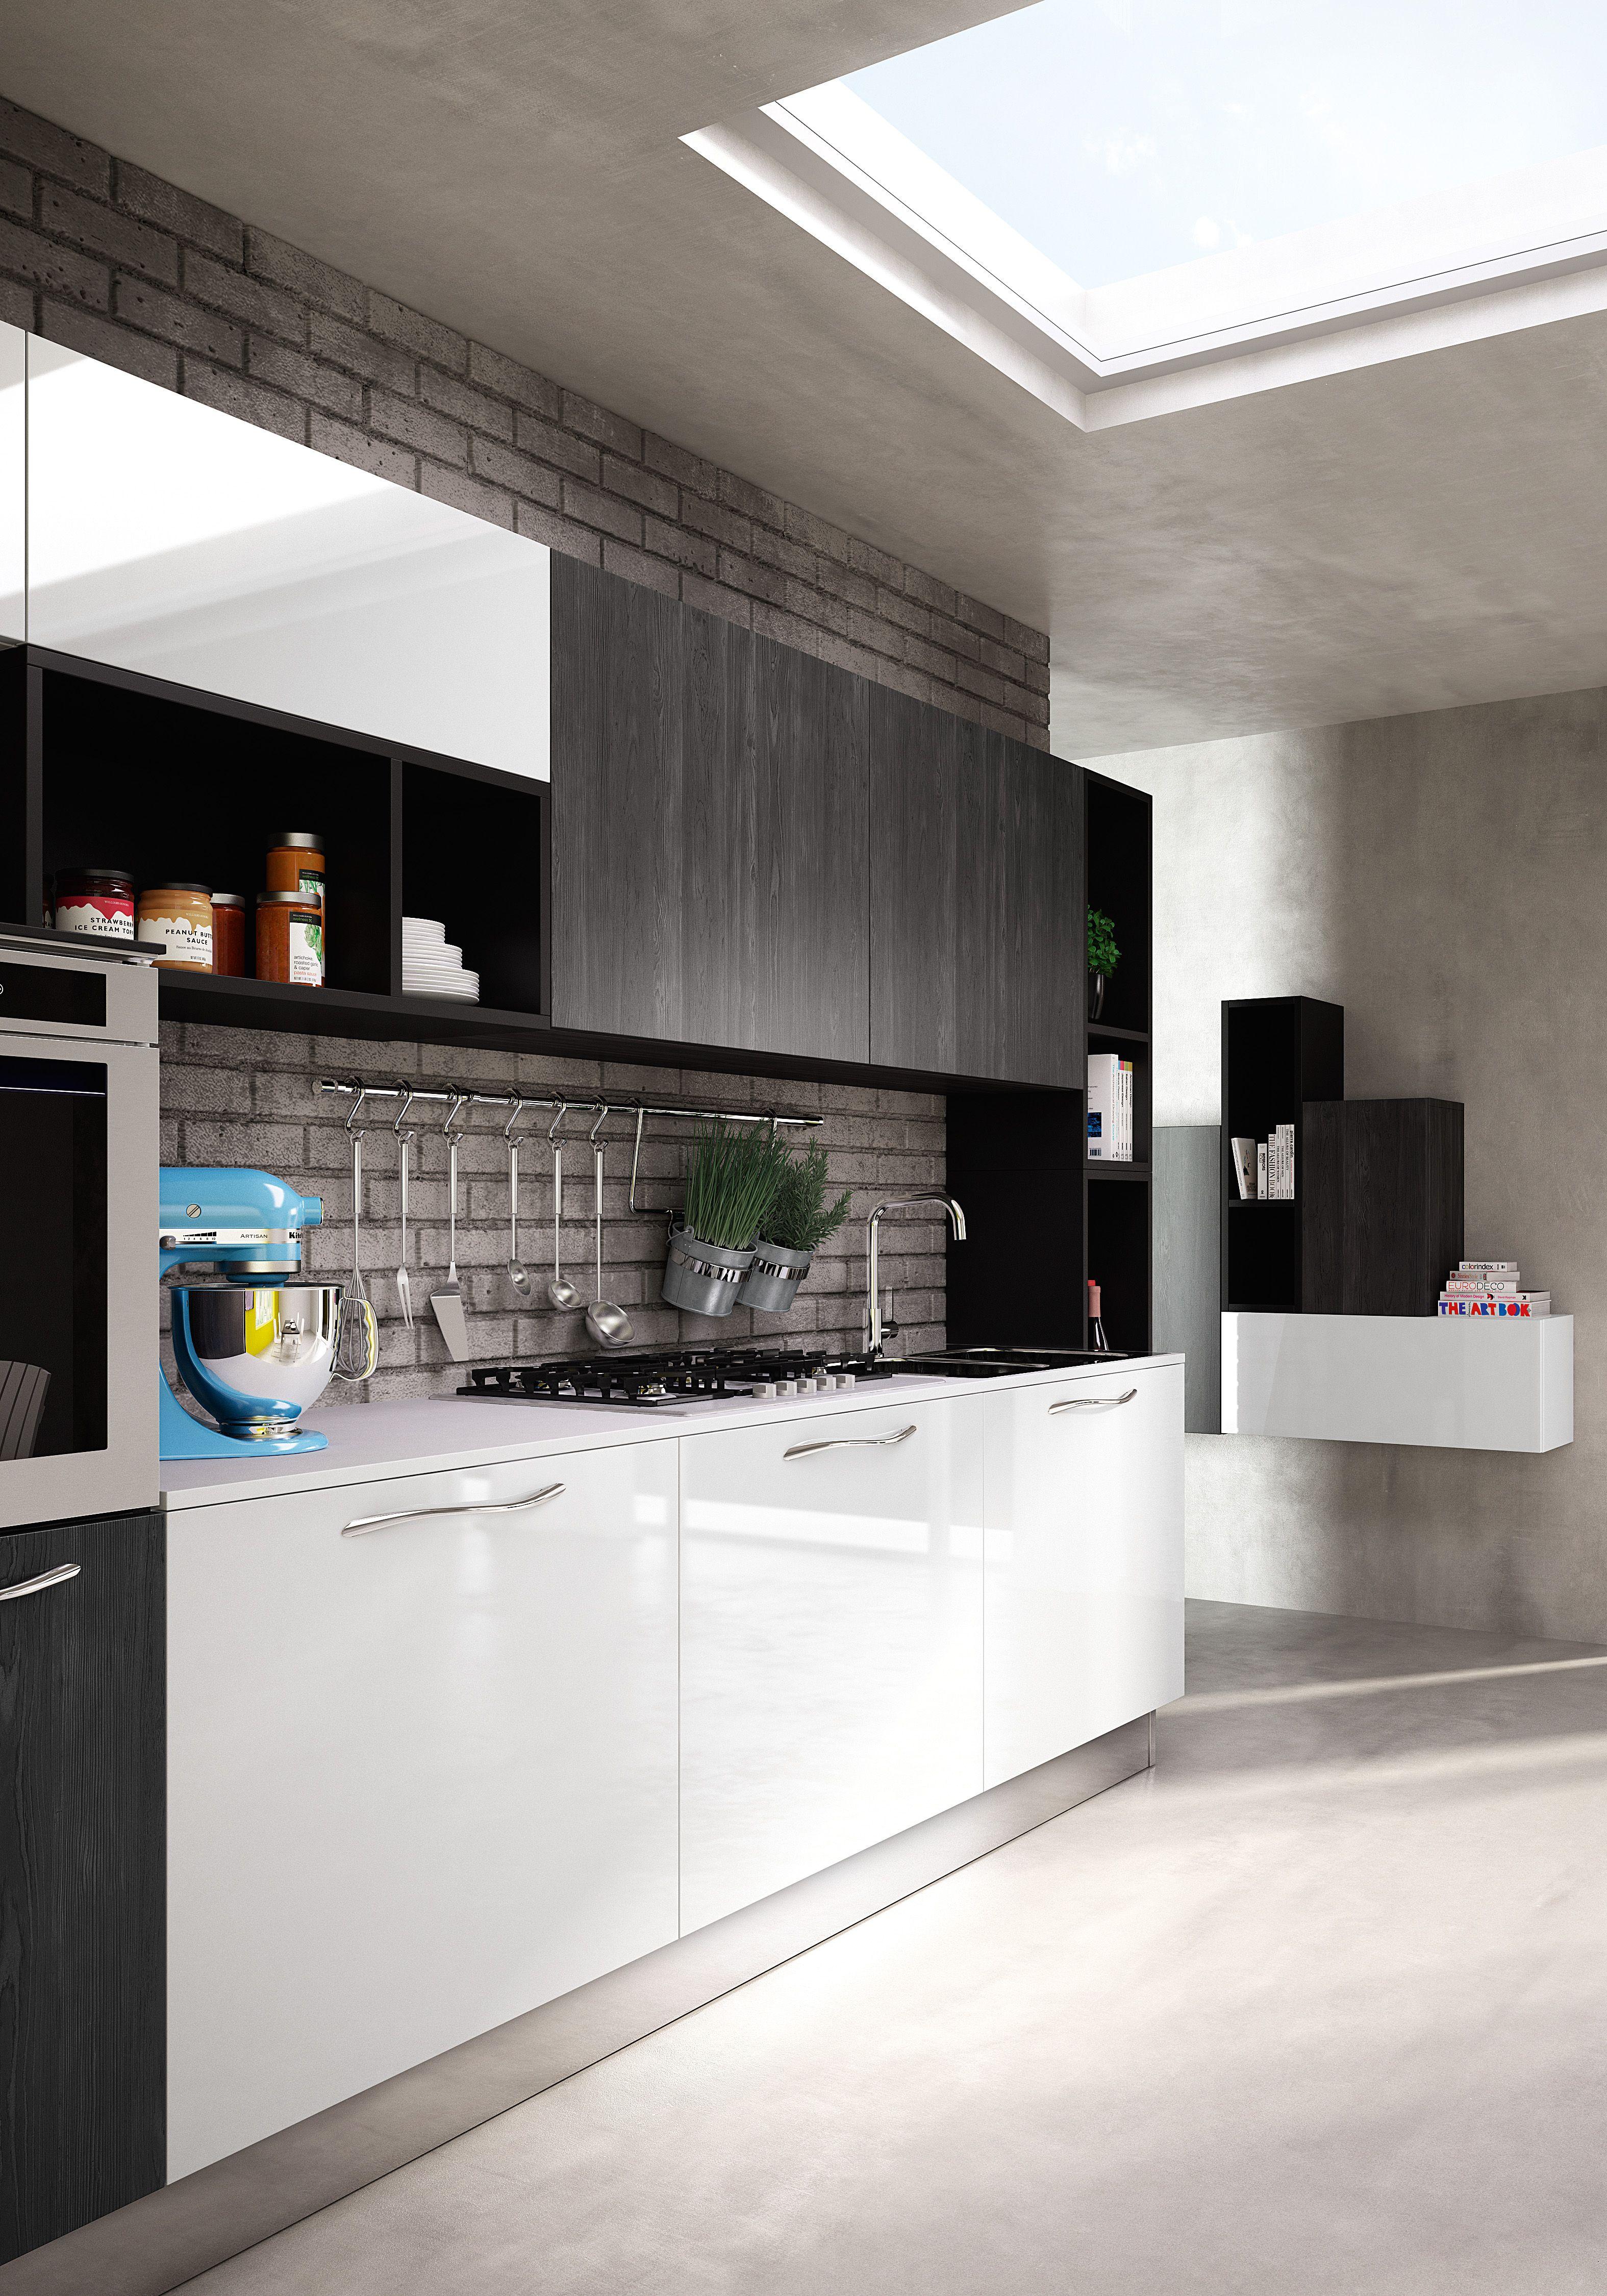 Berloni Cucina Sunny | Berloni, Cucine e Style